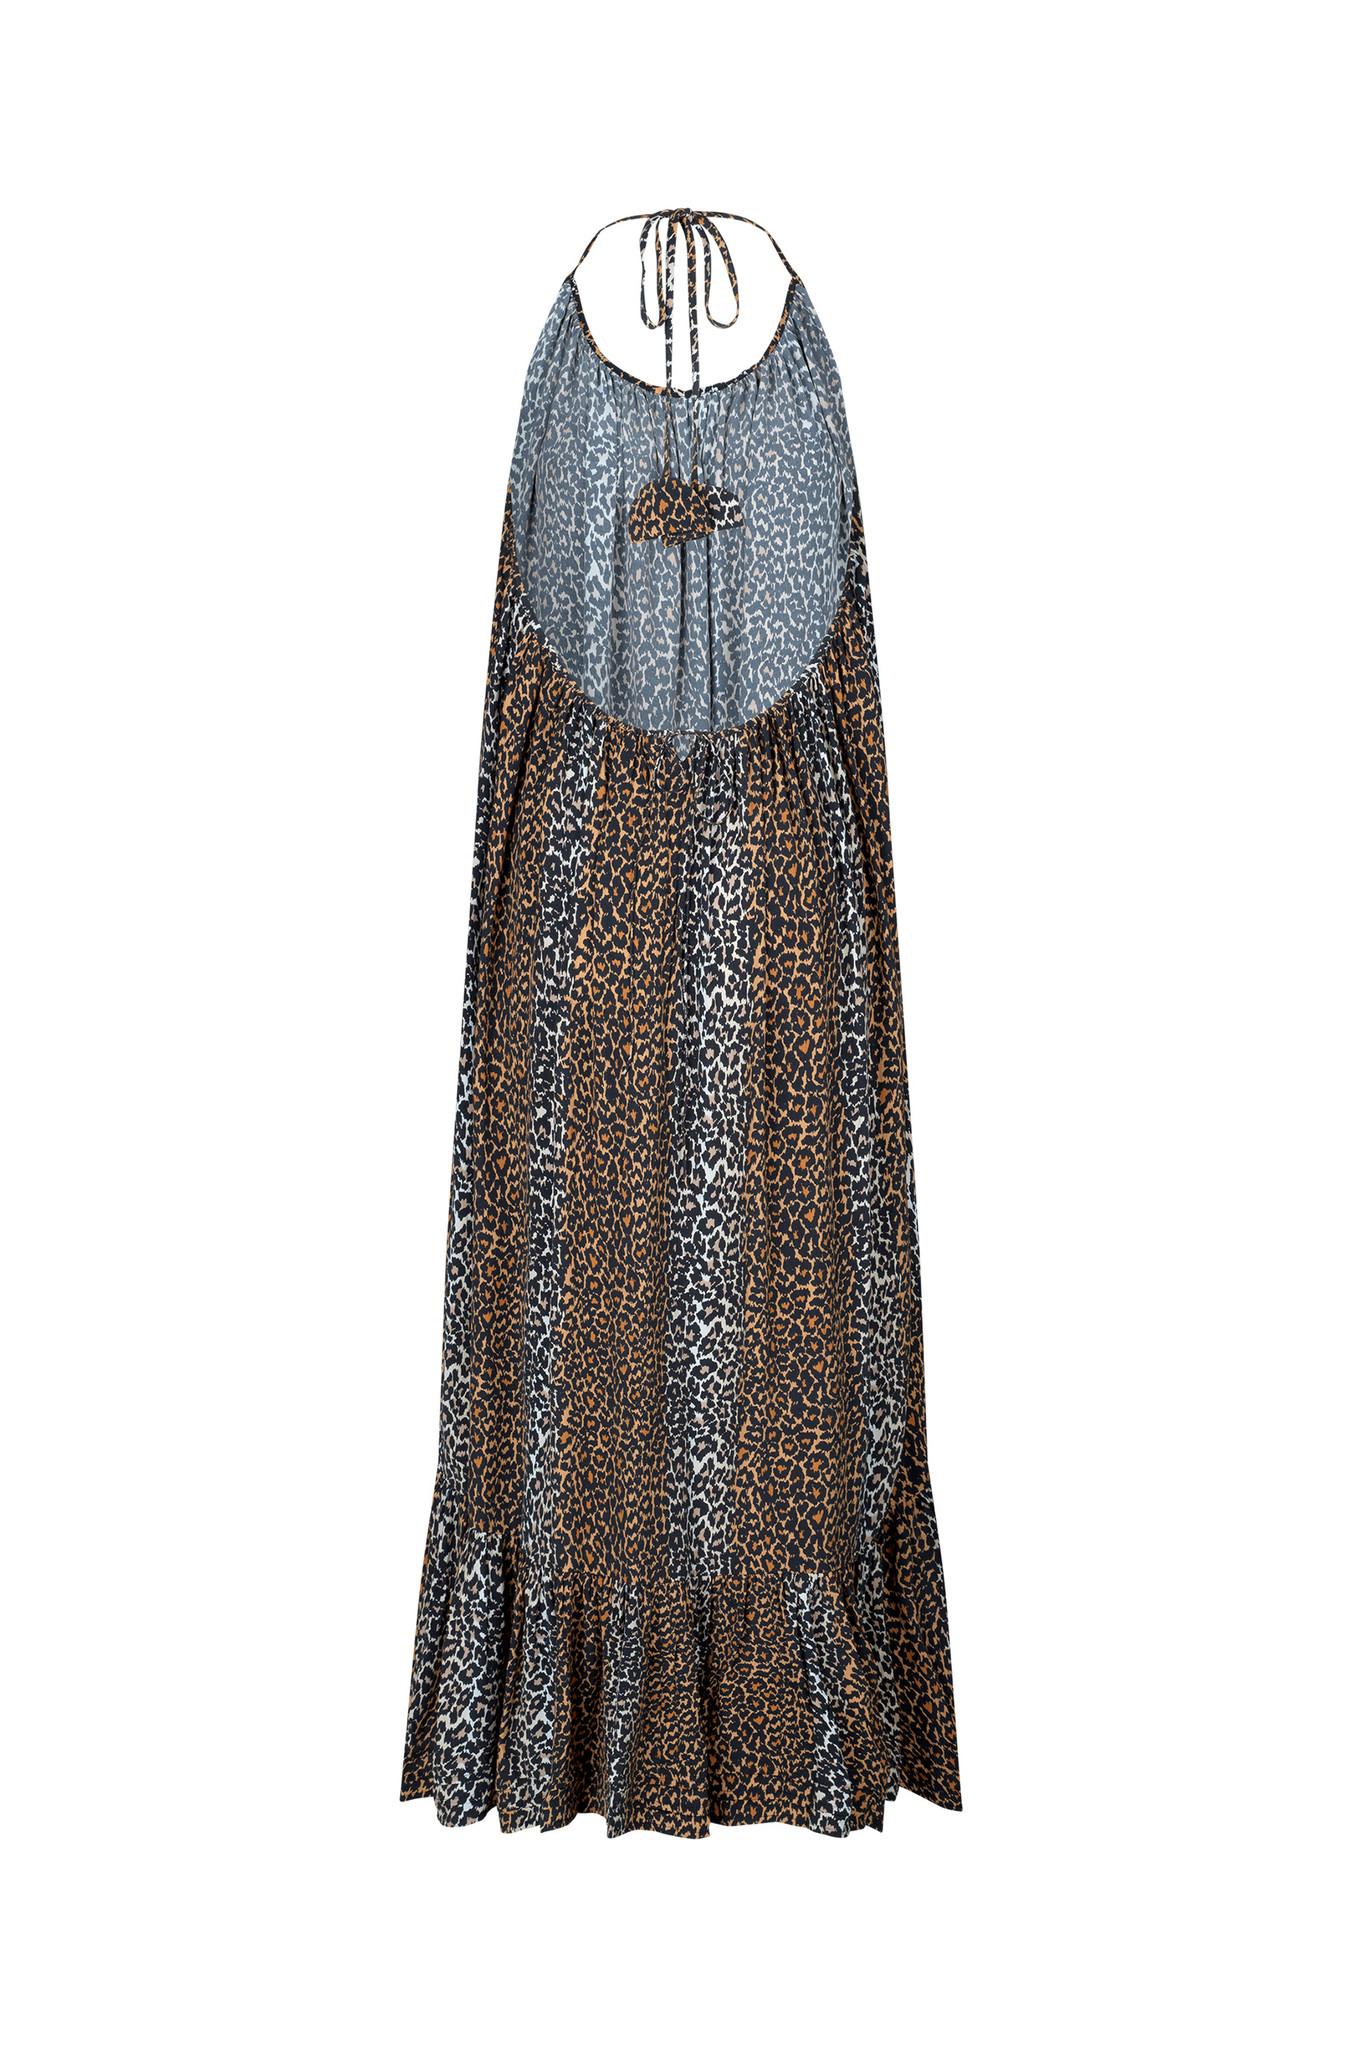 Taylor Leopard Halterneck Dress - Leopard-6